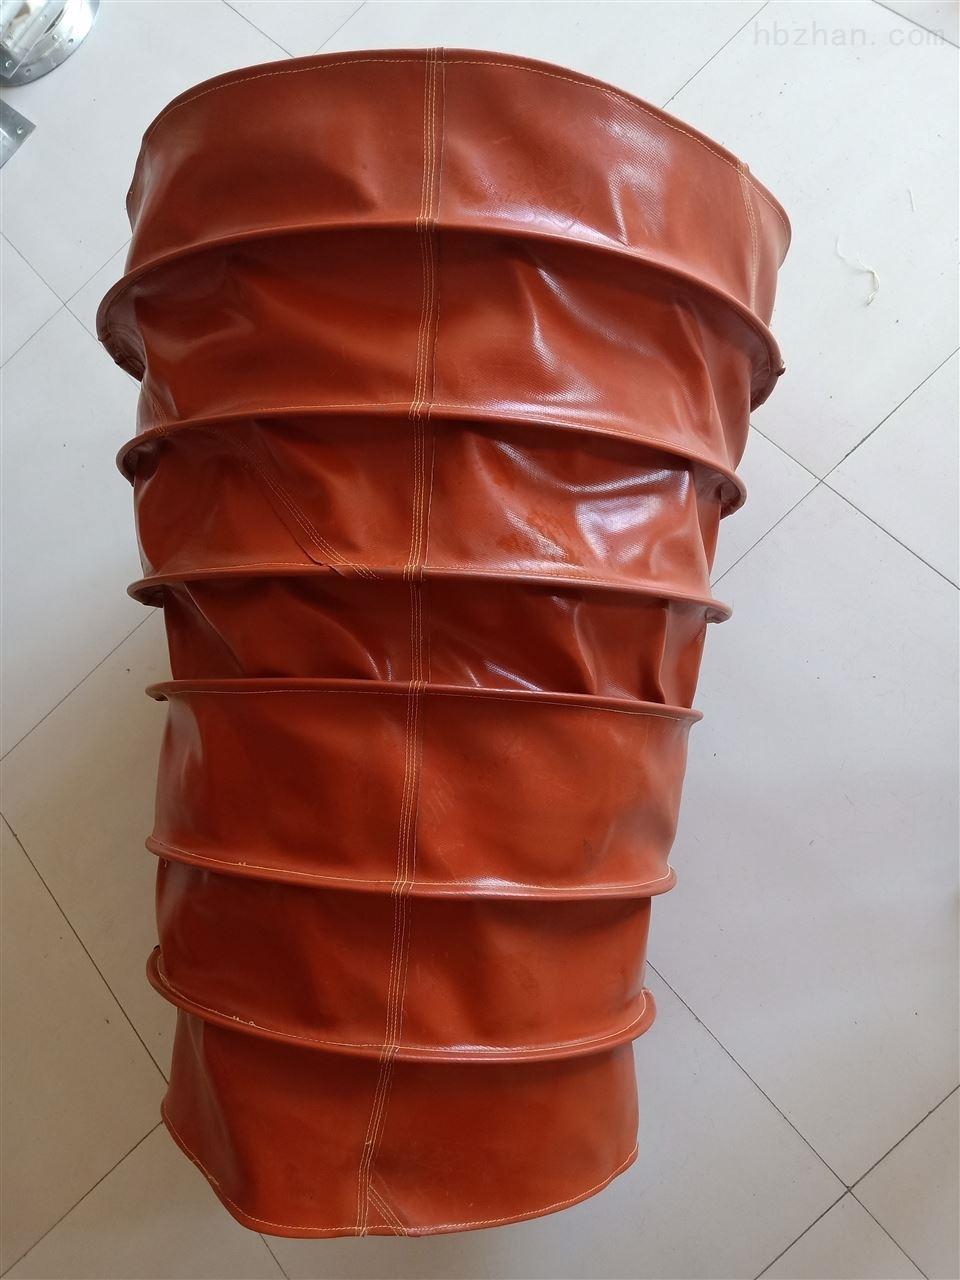 耐磨圆形风琴防护罩防水防油